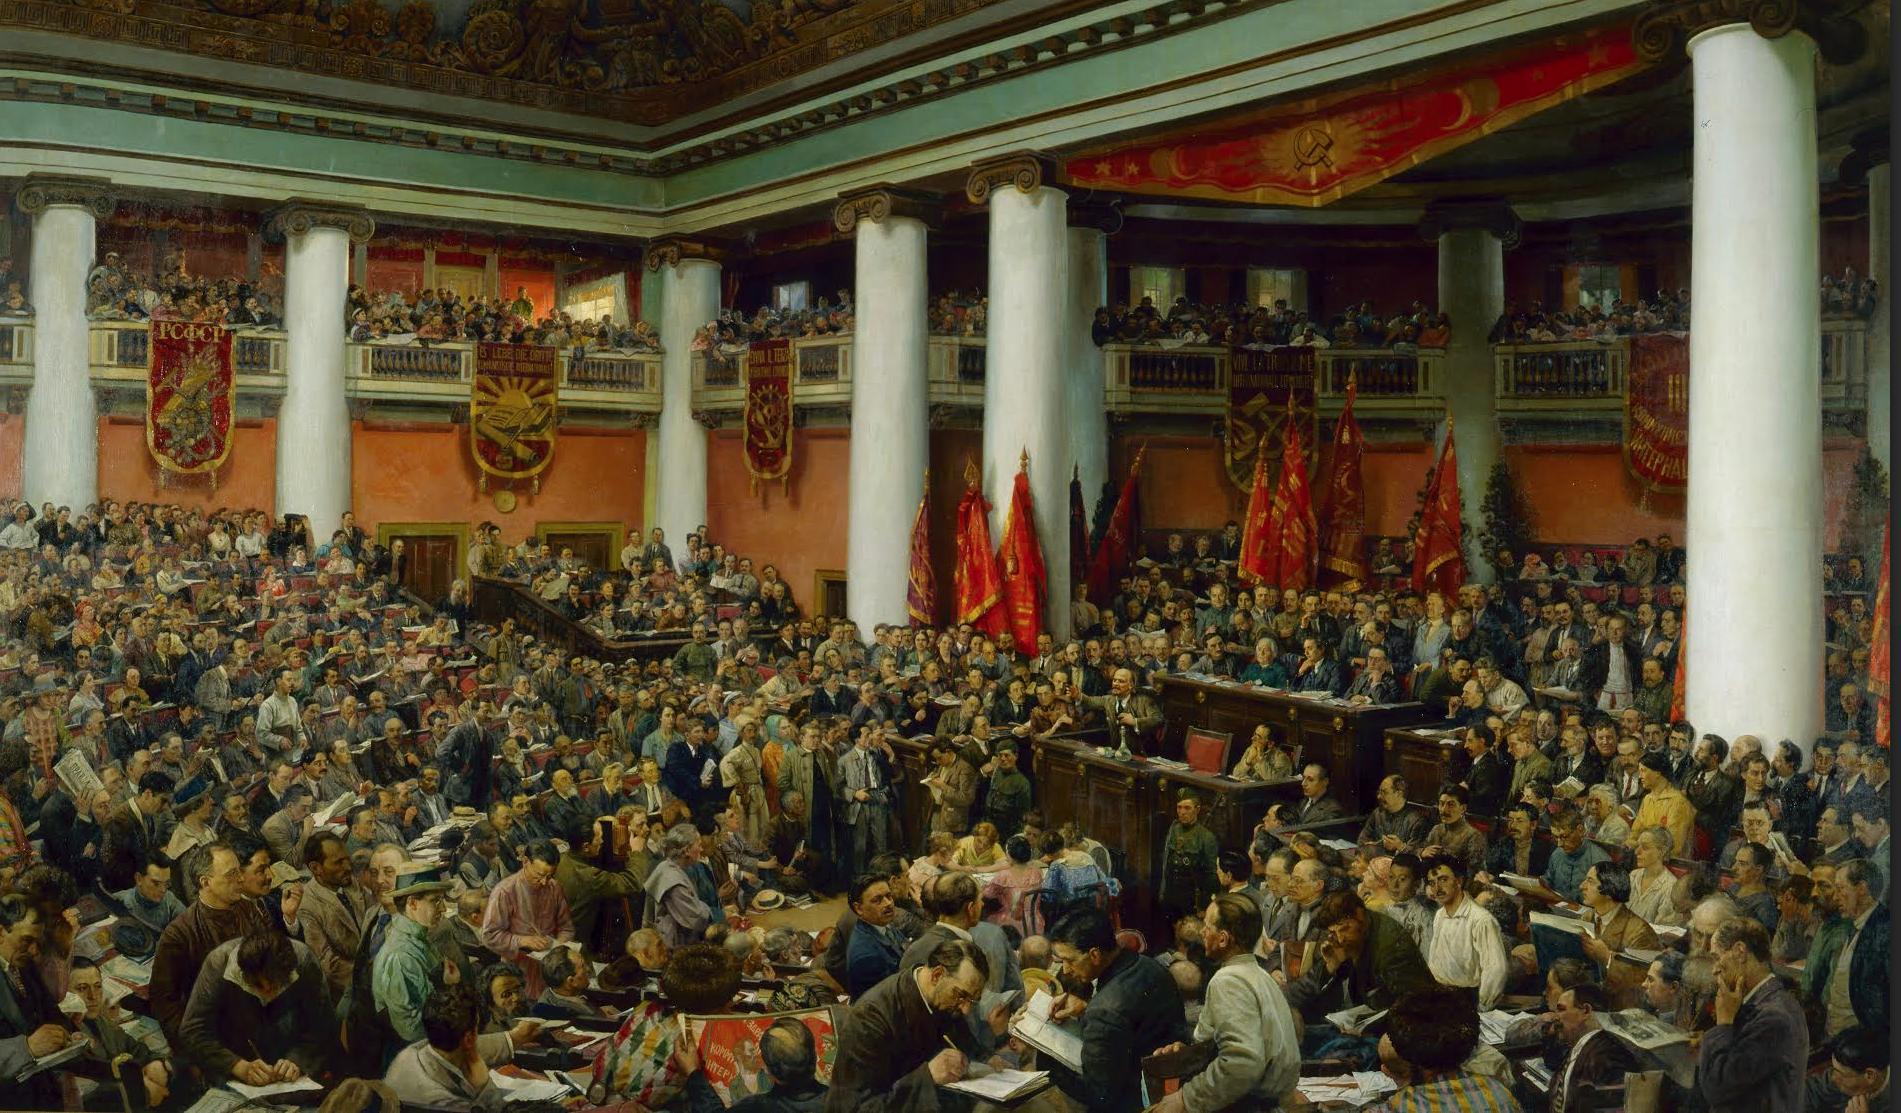 """И.И.Бродский - """"II Конгресс Коминтерна (Торжественное открытие II Конгресса Коминтерна во Дворце Урицкого), 19 июля — 7 августа 1920 в Петрограде.. На полотне изображено около 600 реальных людей- участников Конгресса"""